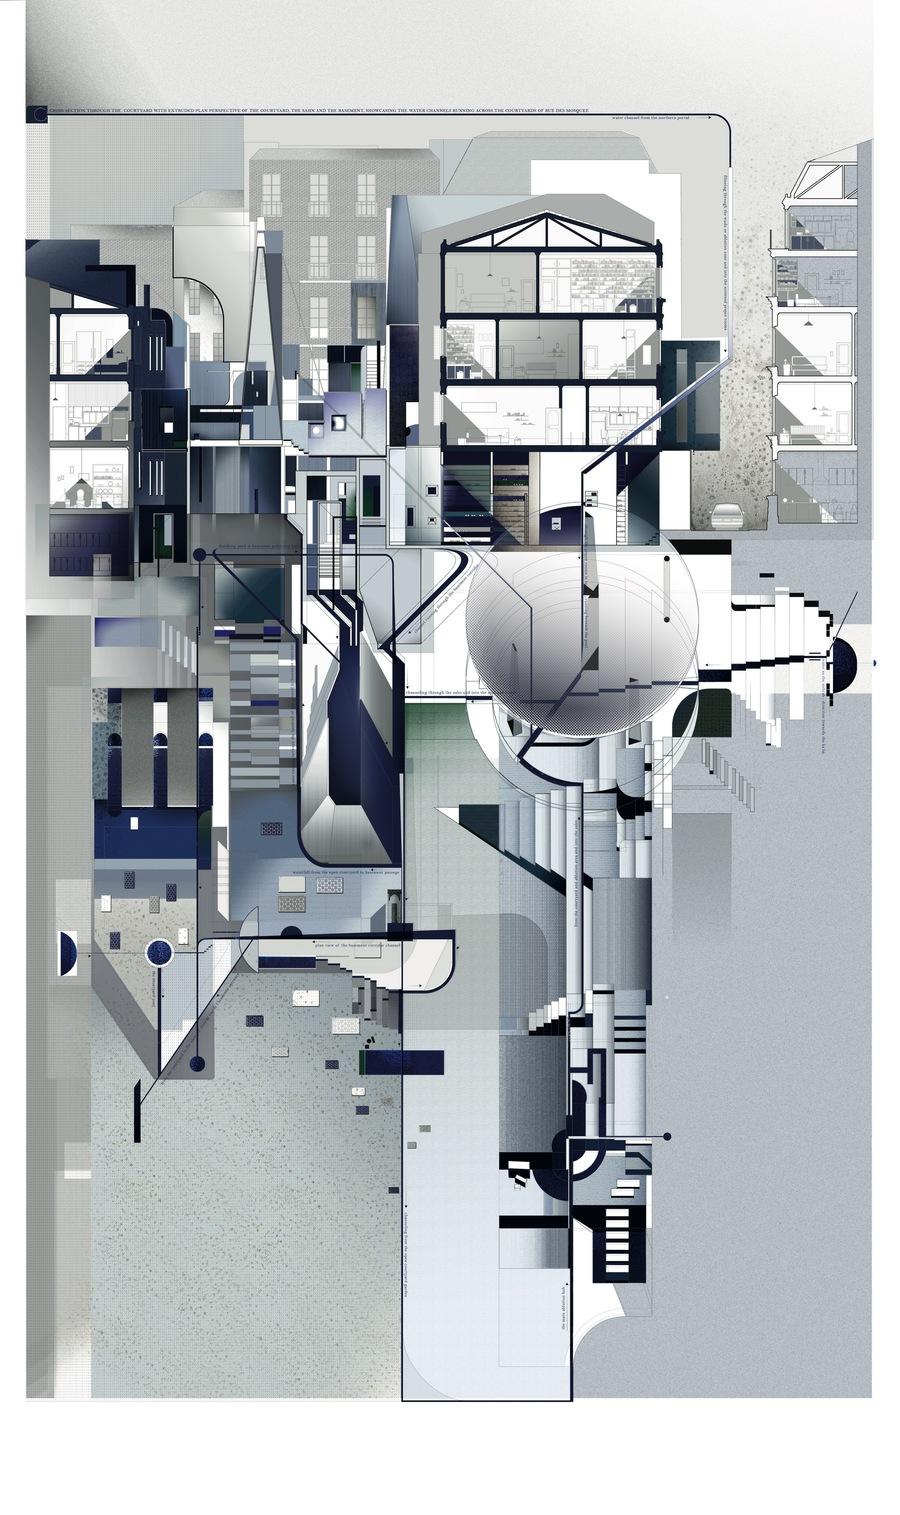 Y5_SarishYounis_Design PortfolioA 48 copy